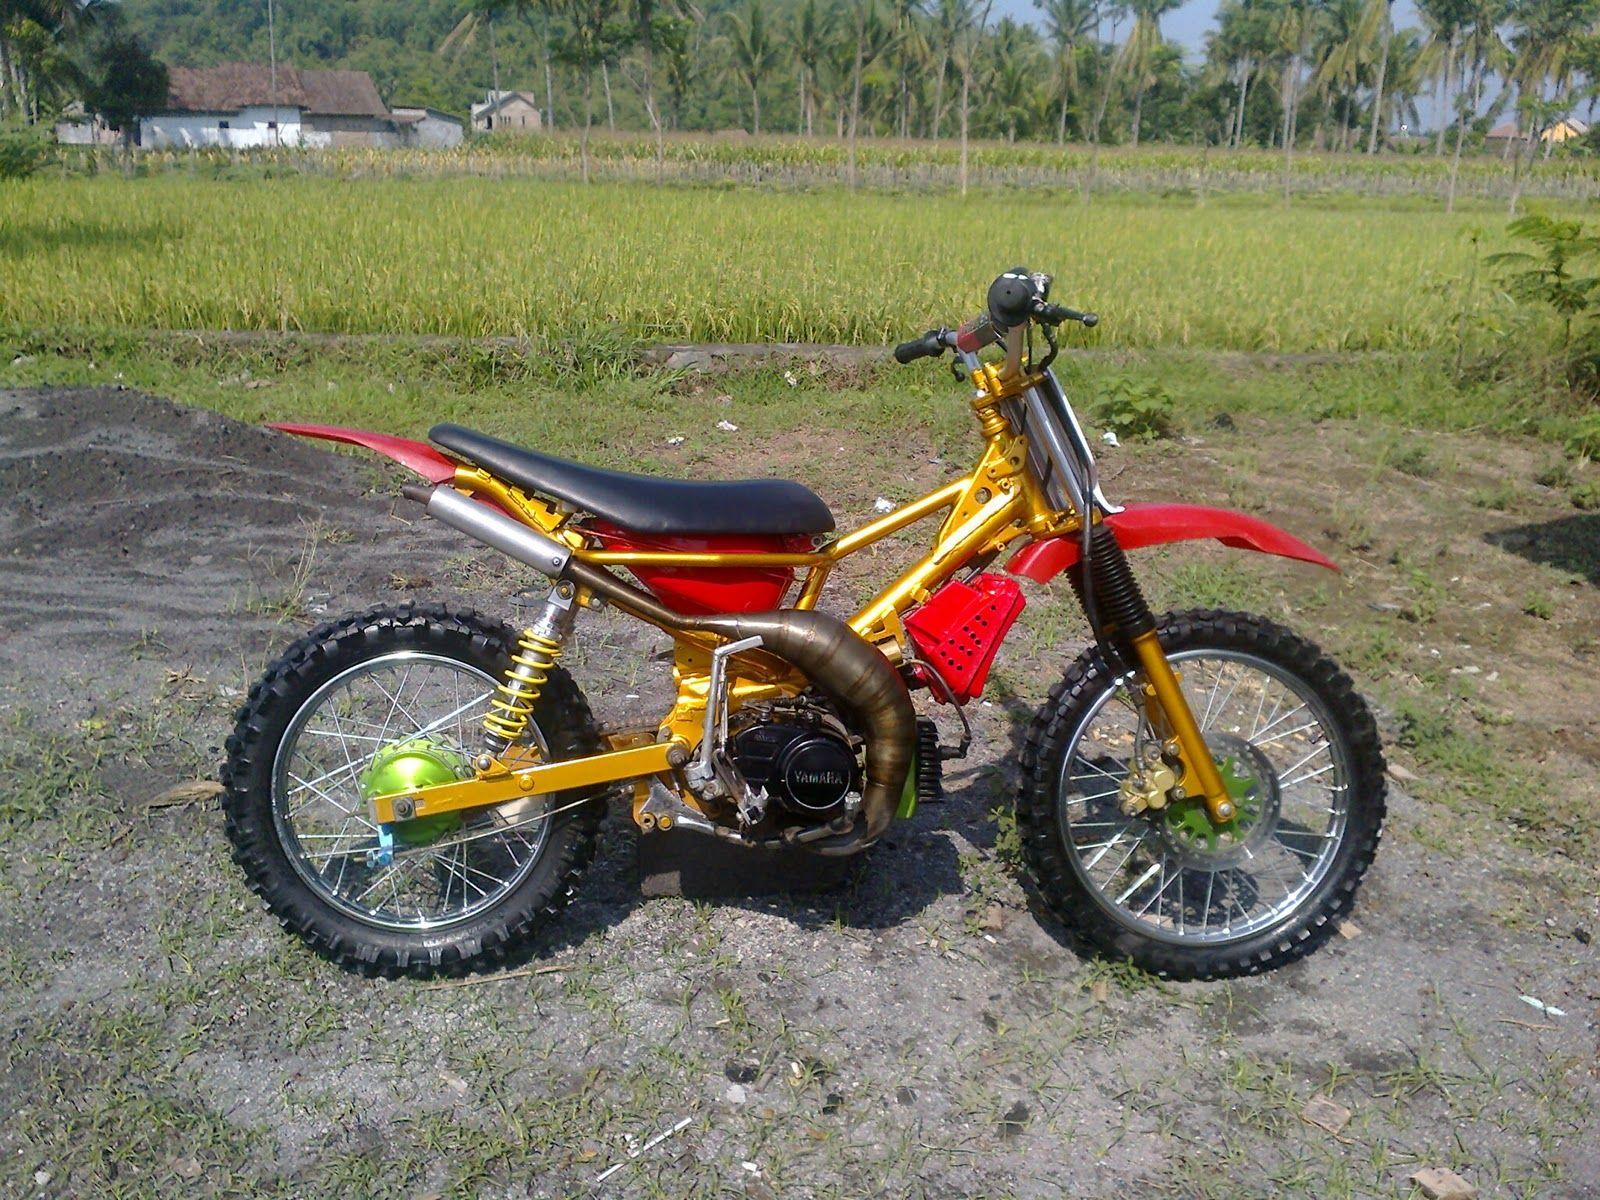 Modifikasi Motor Fiz R Menjadi Trail Motor Mobil Sepeda Retro Motor